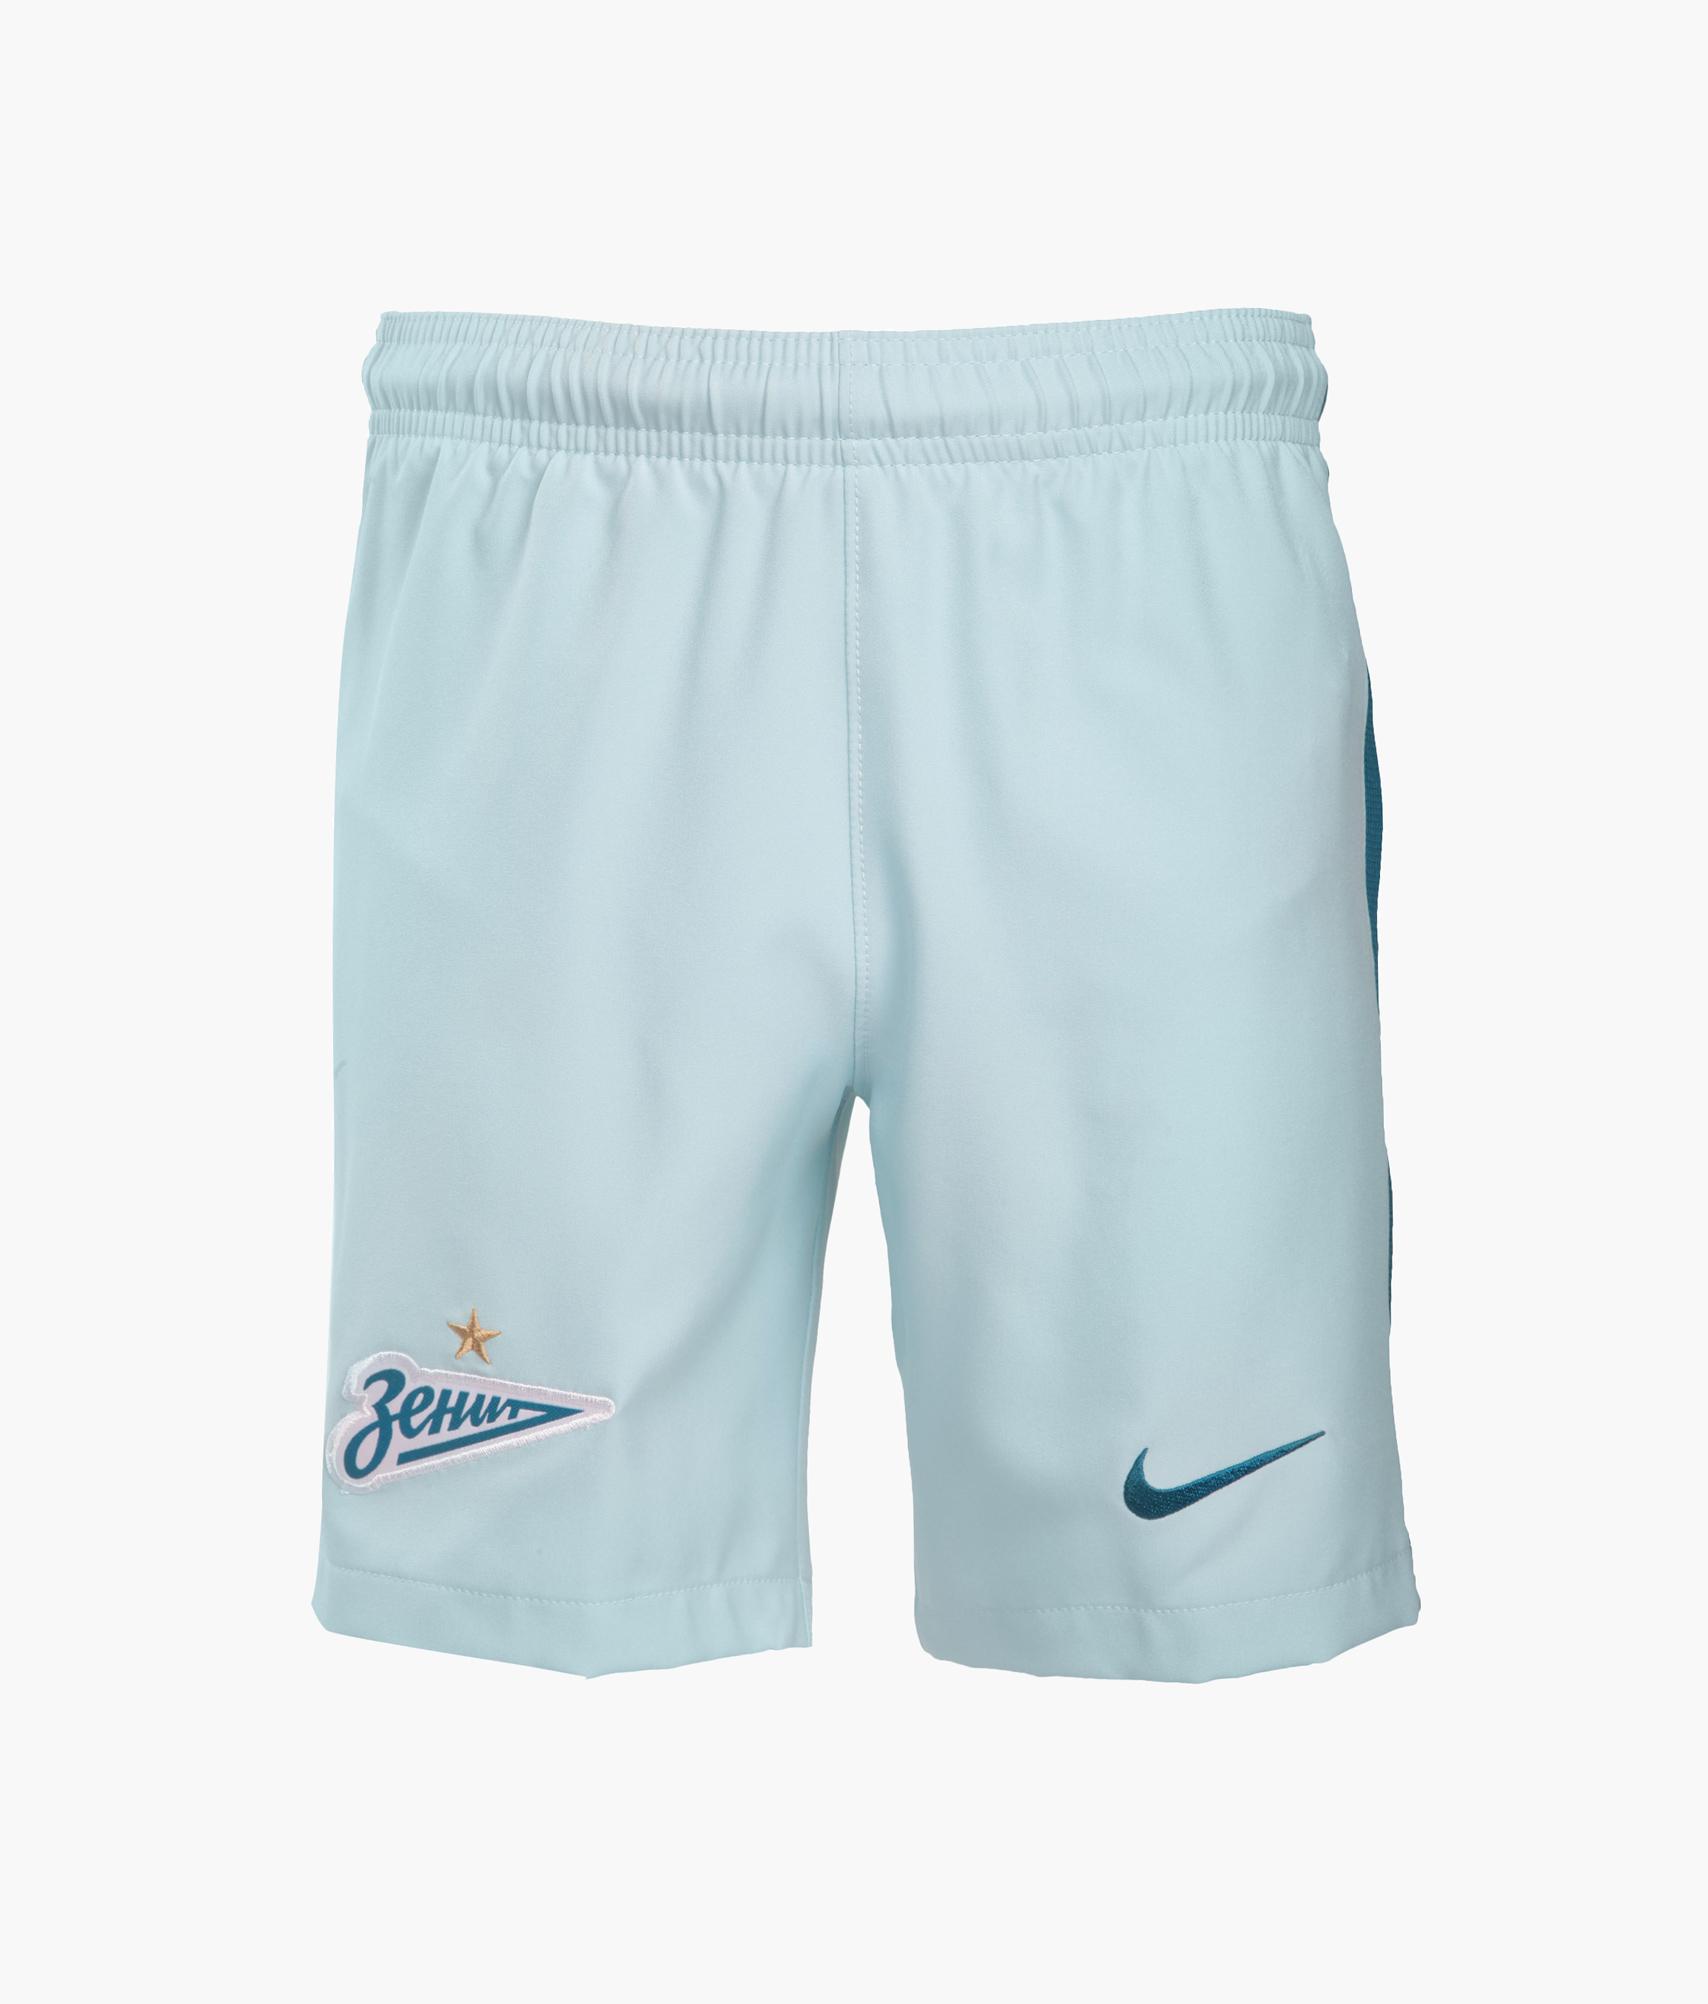 Шорты подростковые выездные Nike Nike Цвет-Белый